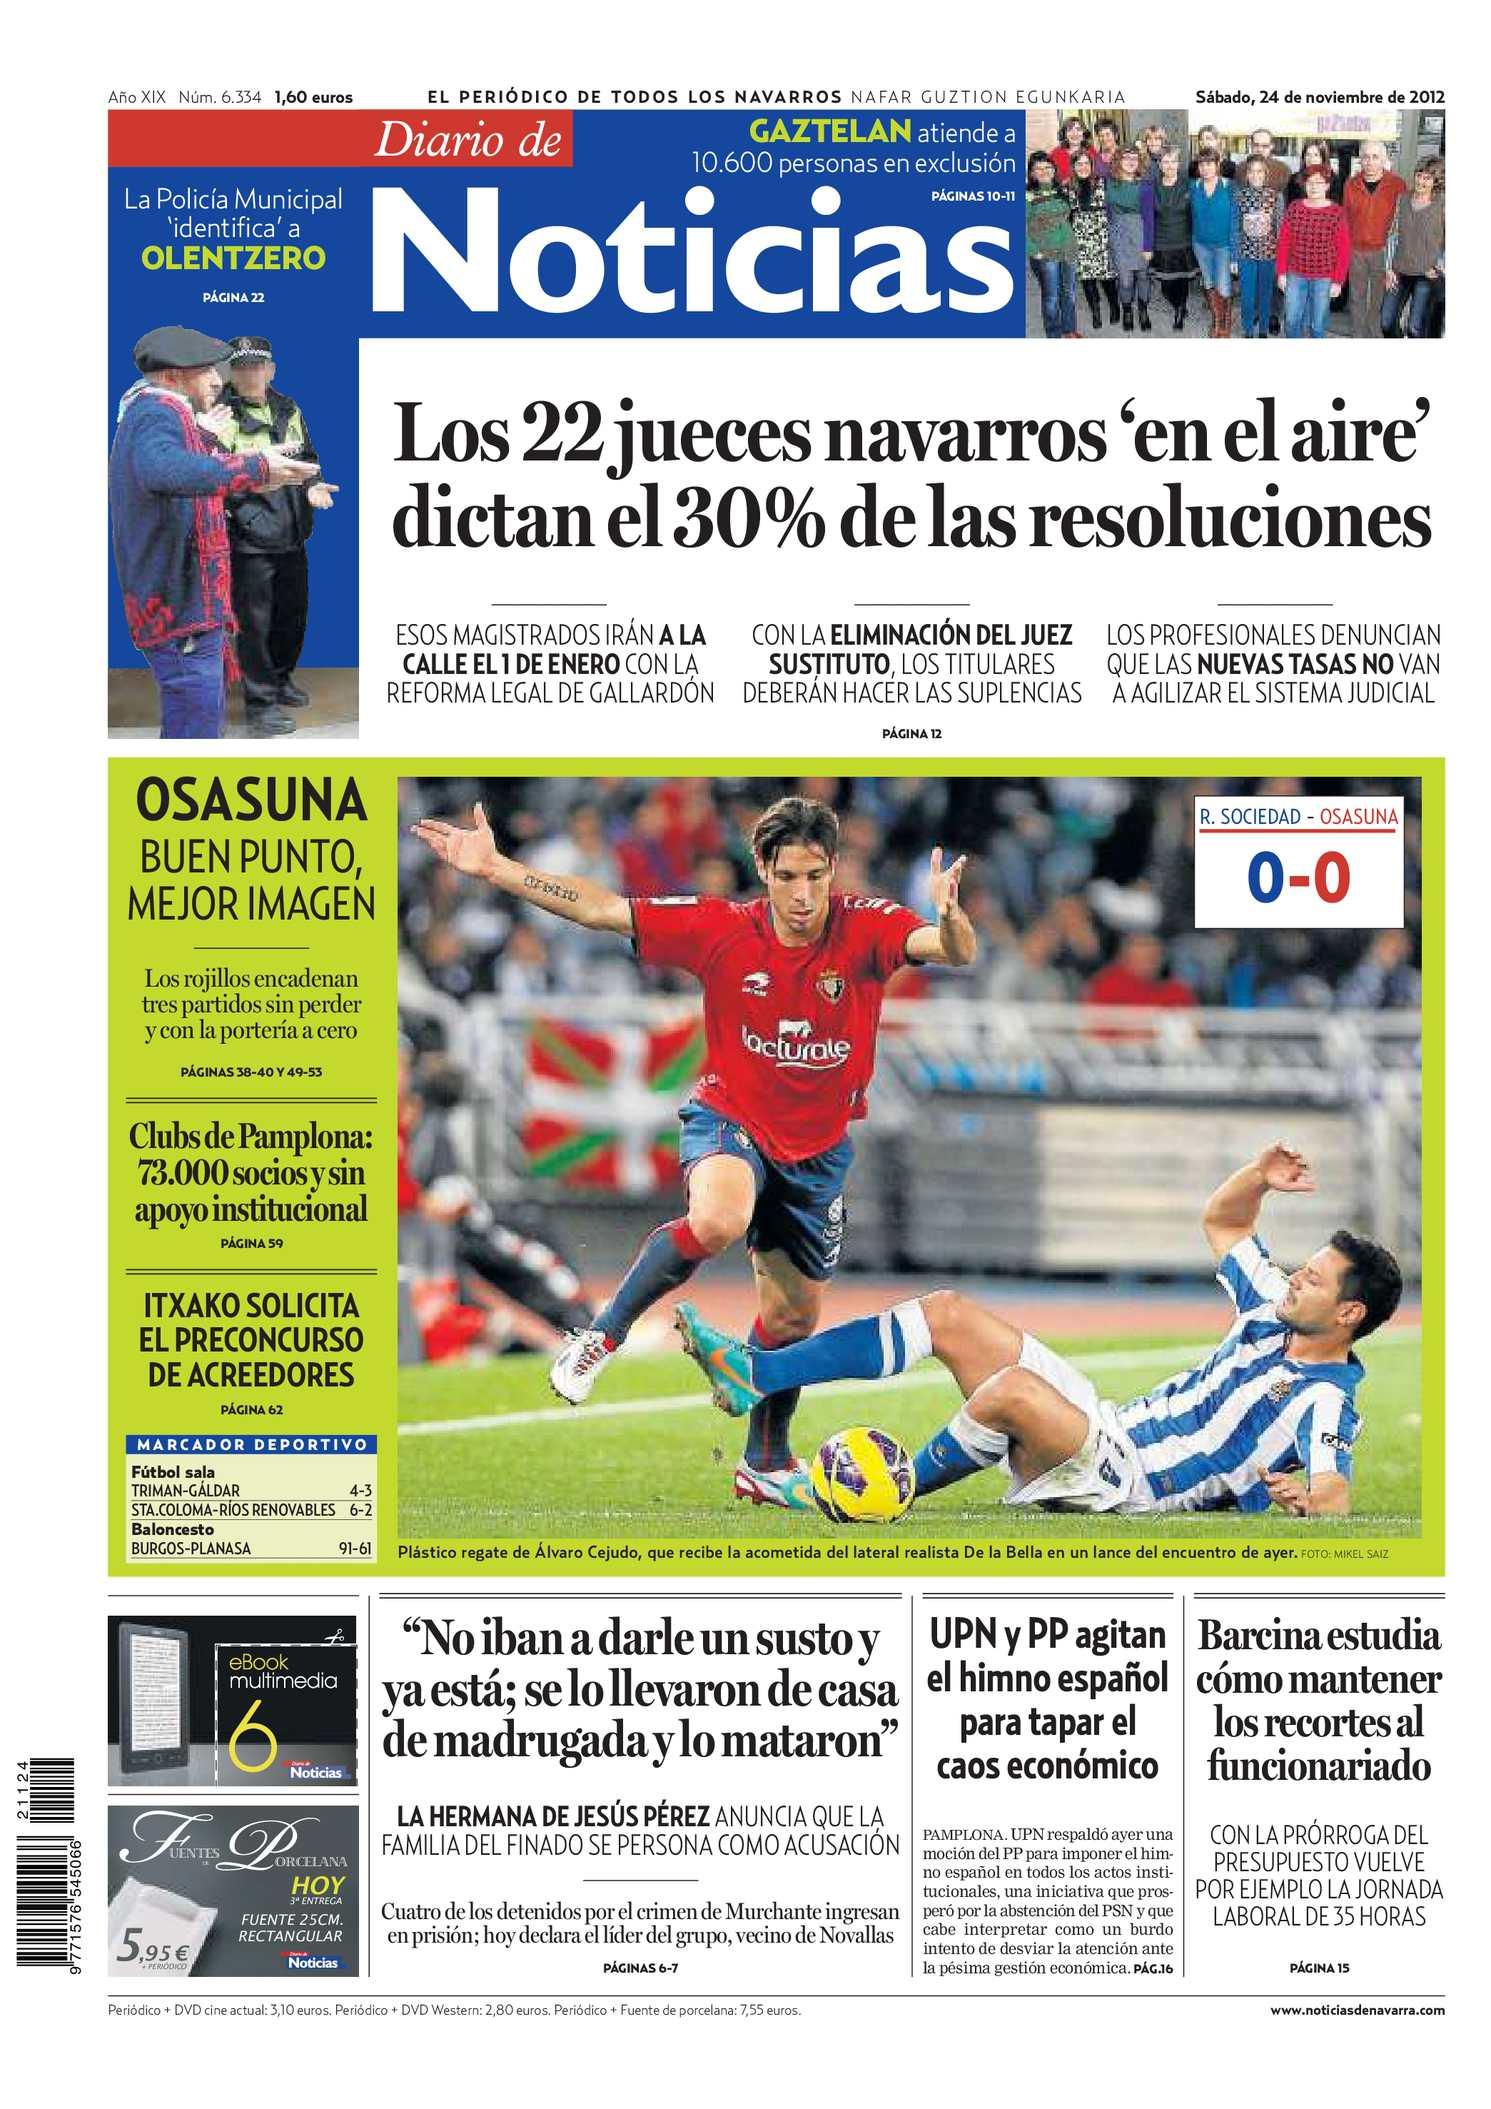 Calaméo - Diario de Noticias 20121124 bbbf2302f86